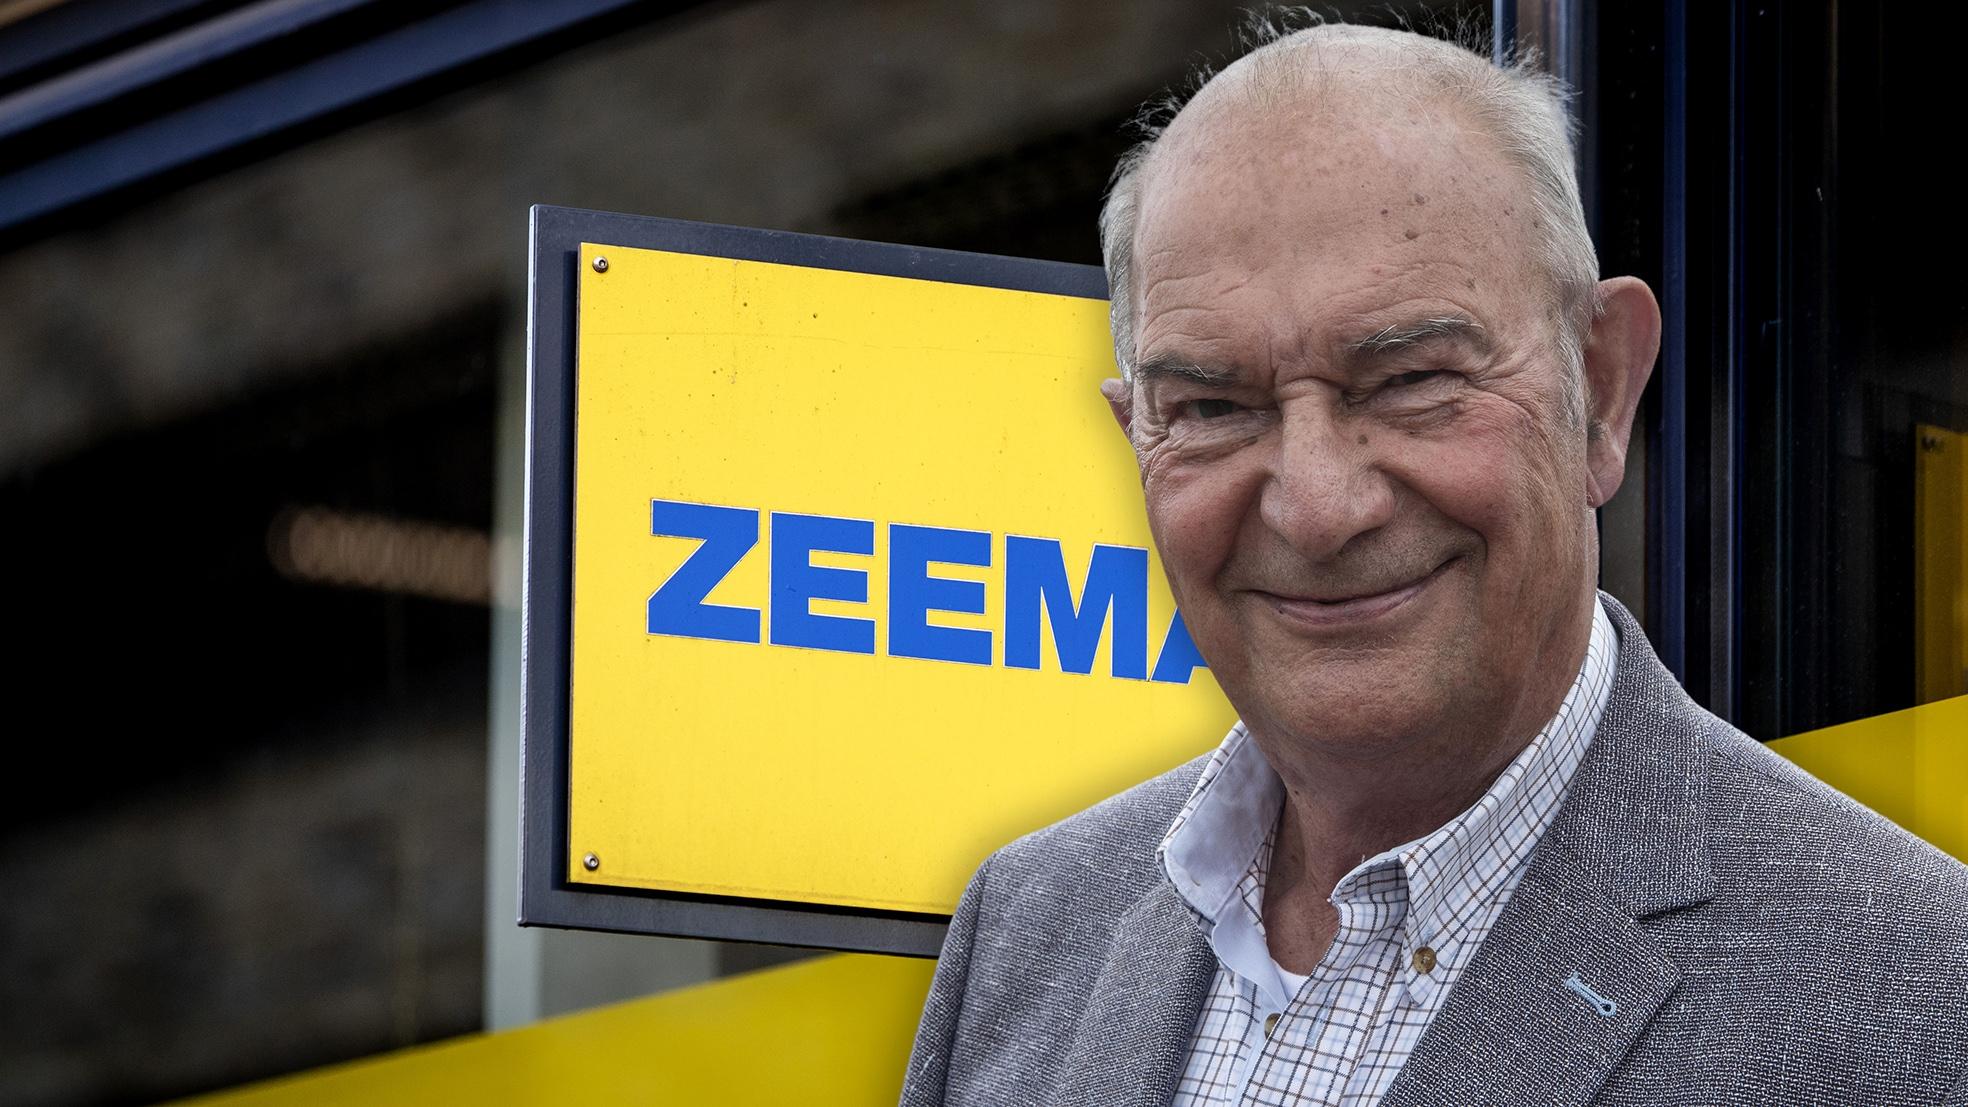 Jan zeeman overleden oprichter